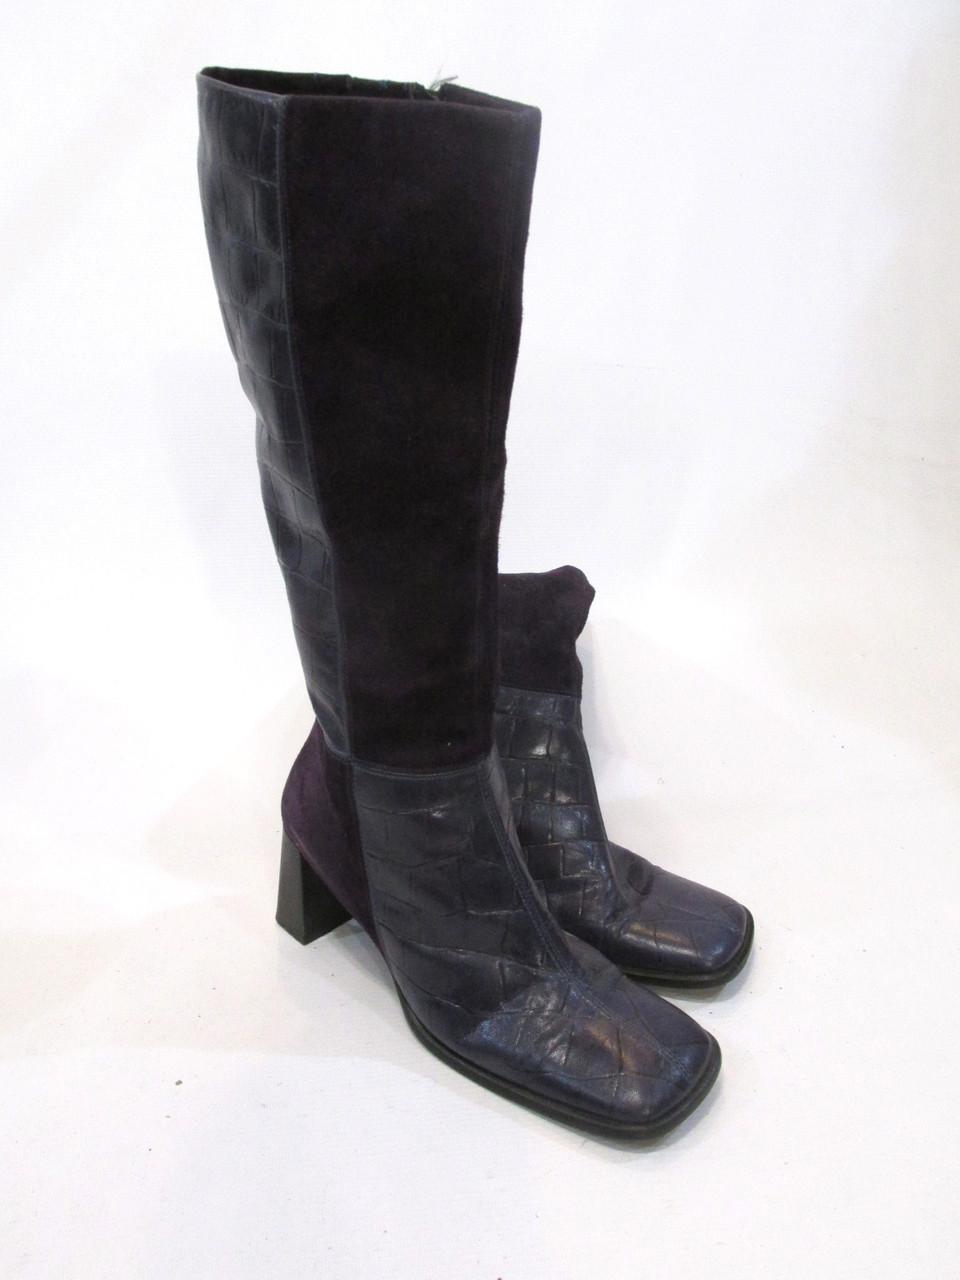 Сапожки кожаные YKX & Co, фиолетовые, 41 (26.5 см), Отл сост!